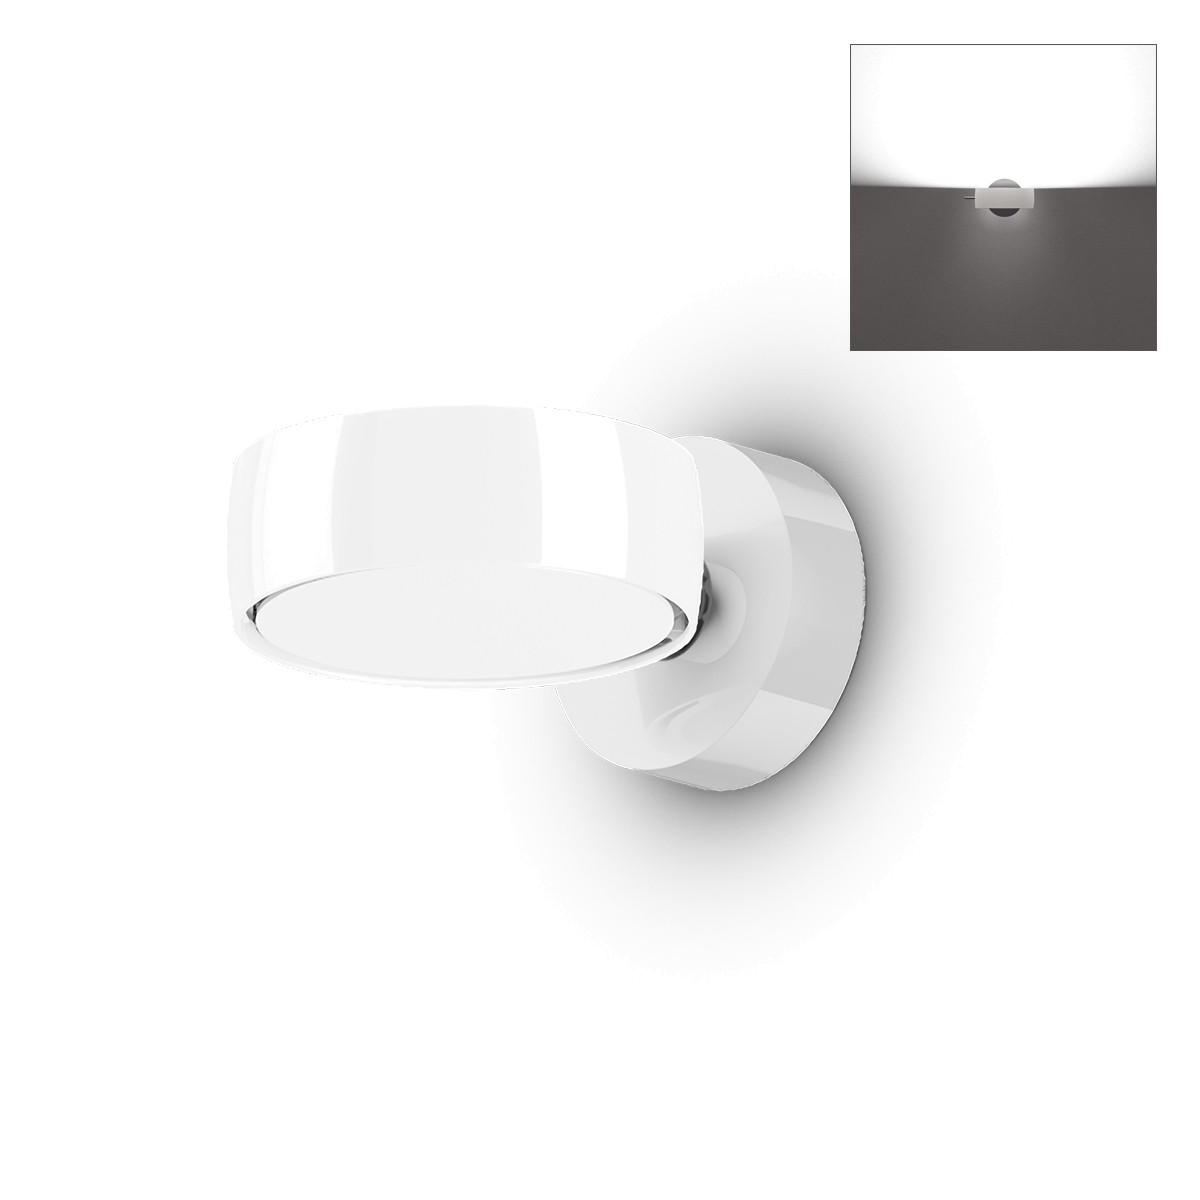 Occhio Sento B LED verticale up Wandleuchte, 2700 K, Chrom / weiß glänzend